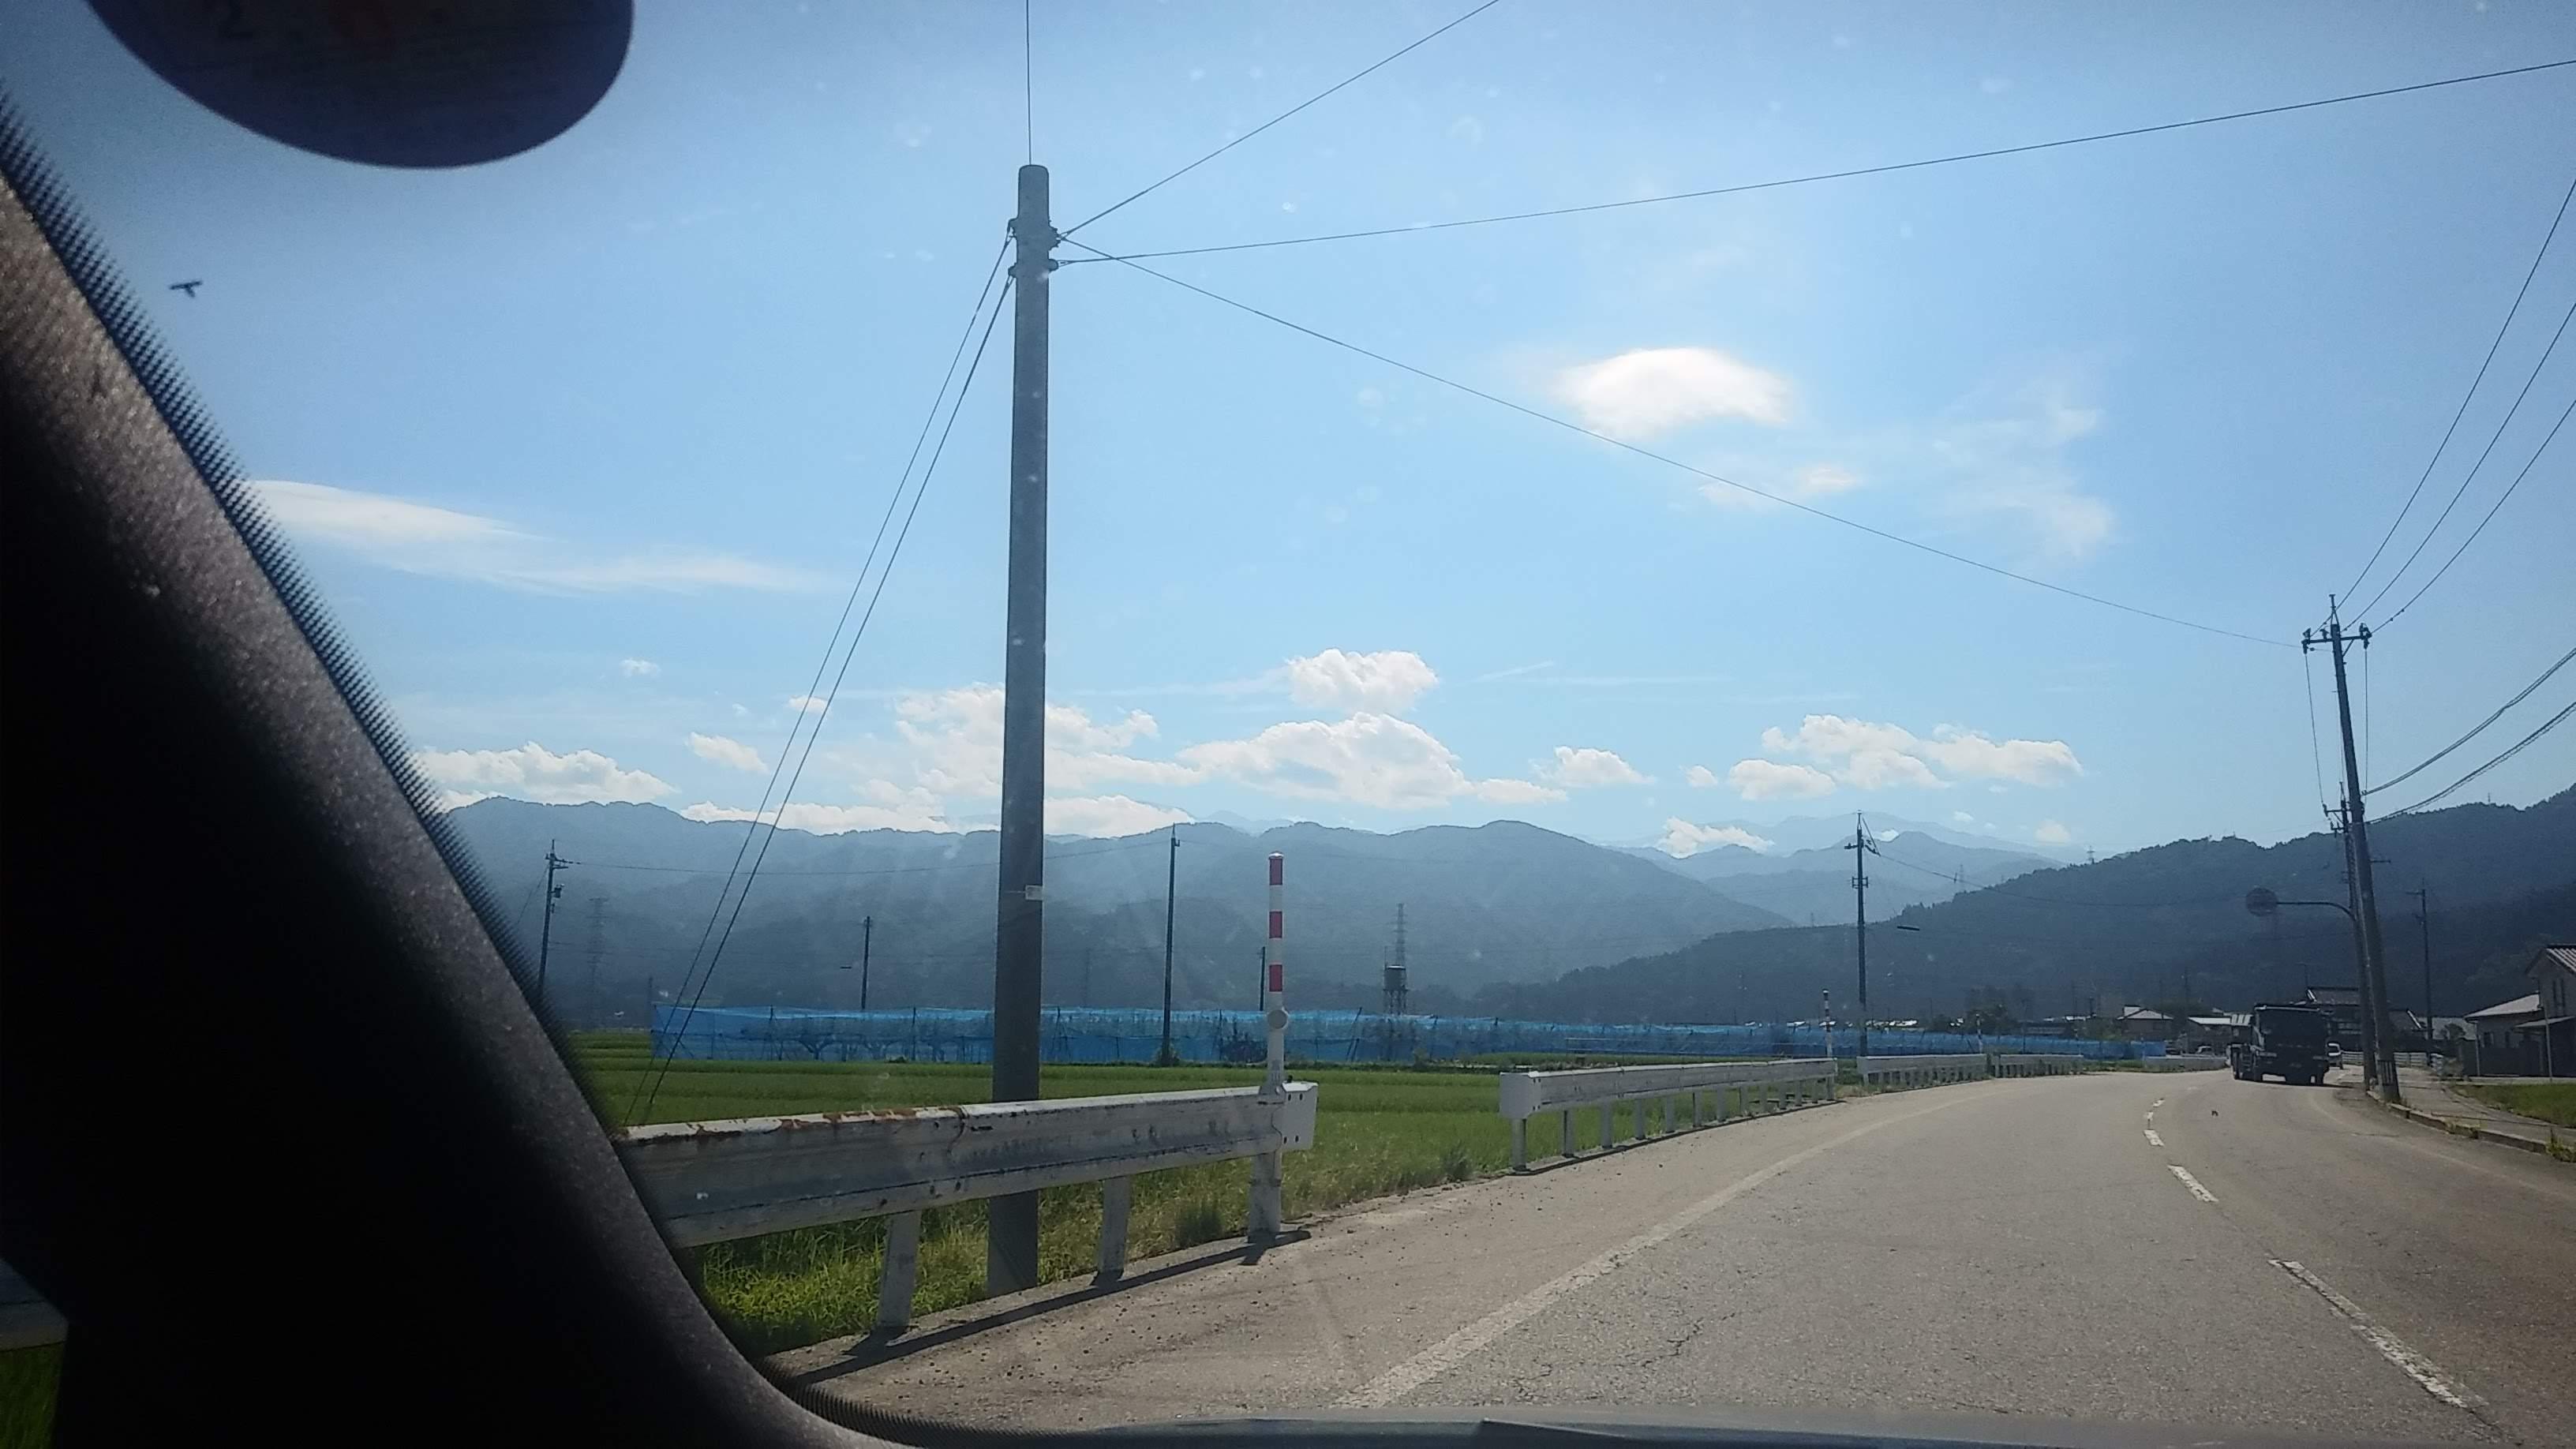 富山で黒部峡谷鉄道とパラグライダー体験_f0153703_18385885.jpg